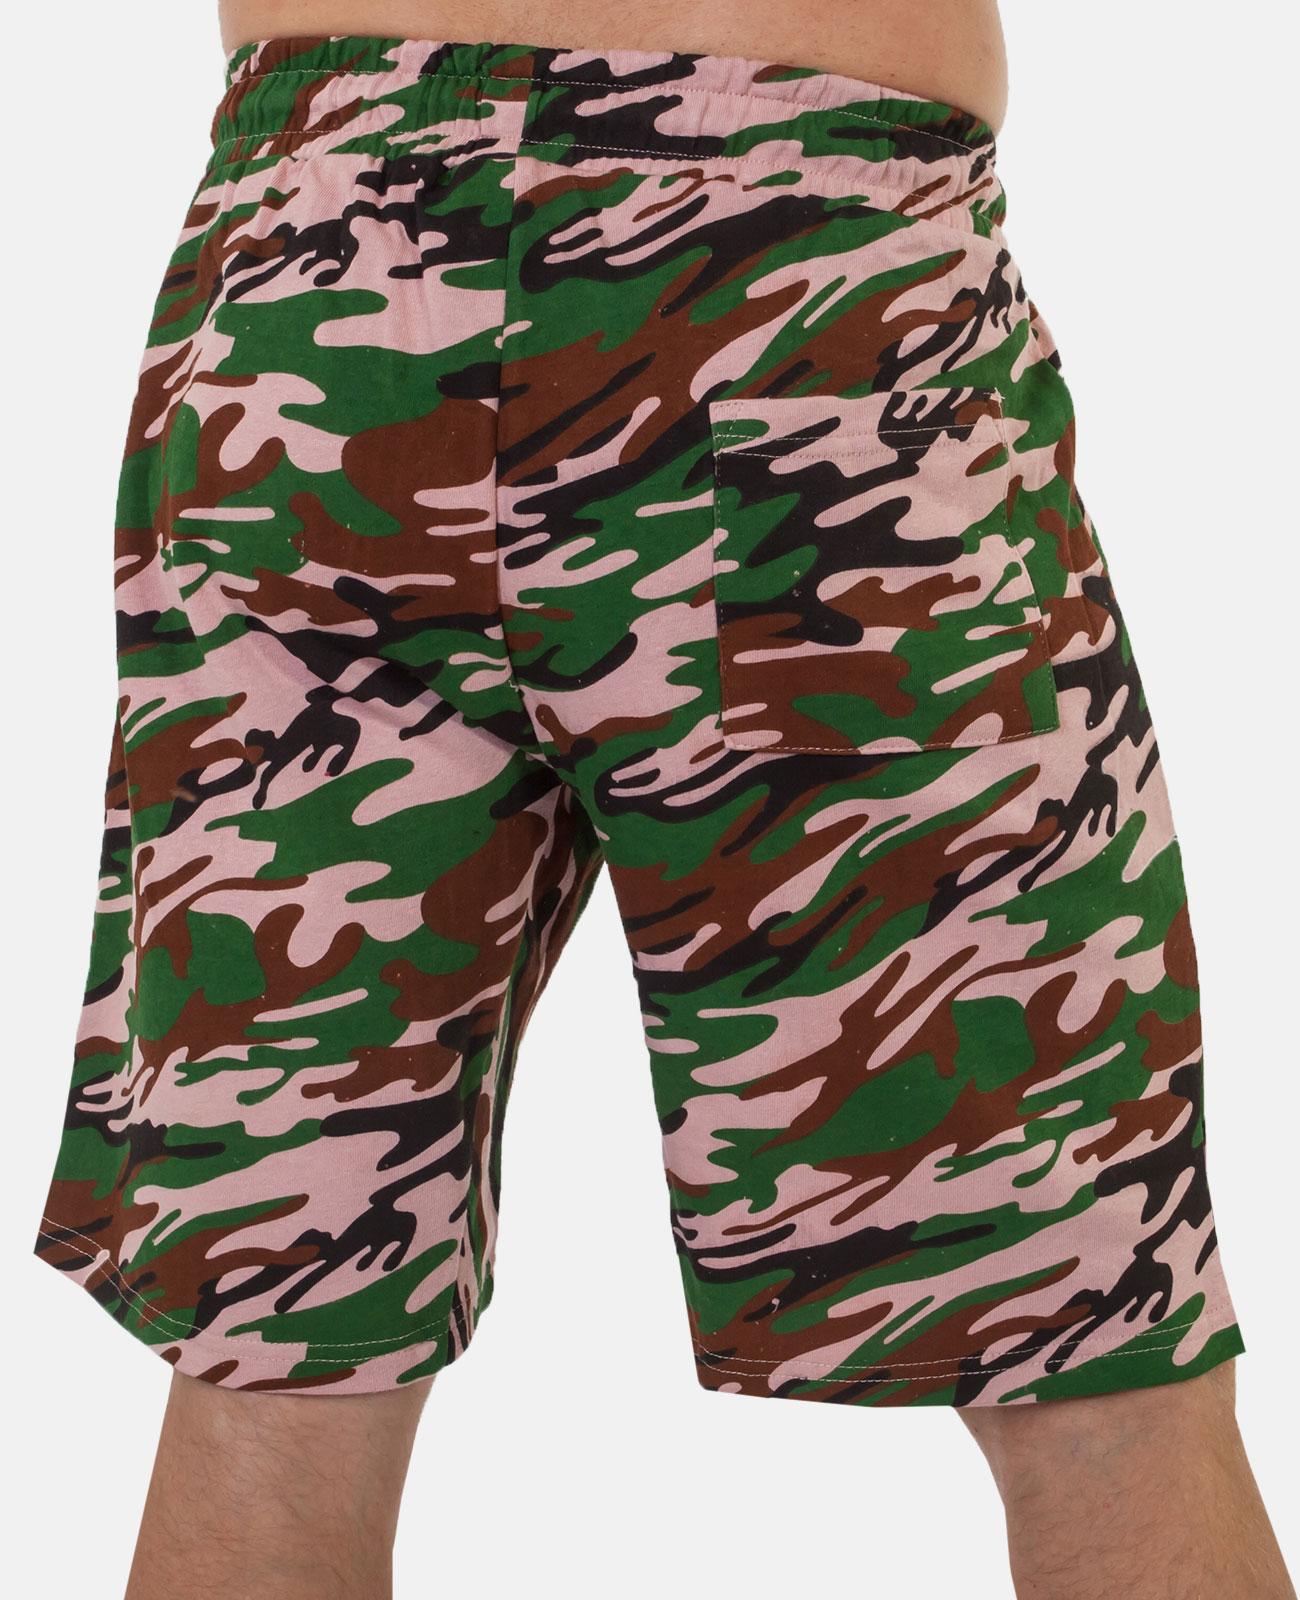 Купить трикотажные мужские шорты с нашивкой Потомственный казак по привлекательной цене